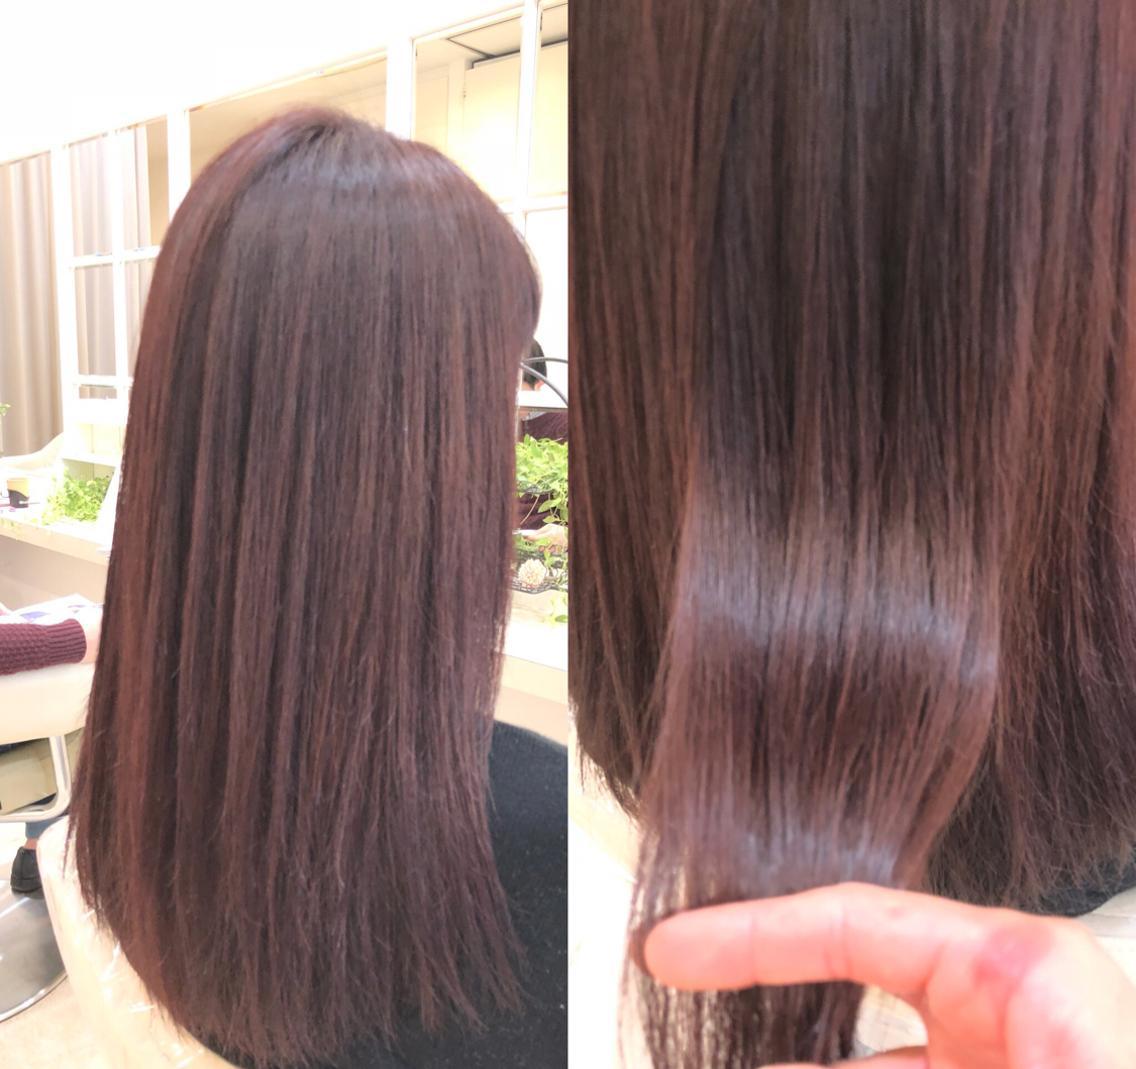 【当日予約OK☘店長担当☘】髪質改善⭕️縮毛矯正✅ すぐ予約⭕️トレンド取り入れ提案⭕️自由が丘徒歩1分☘